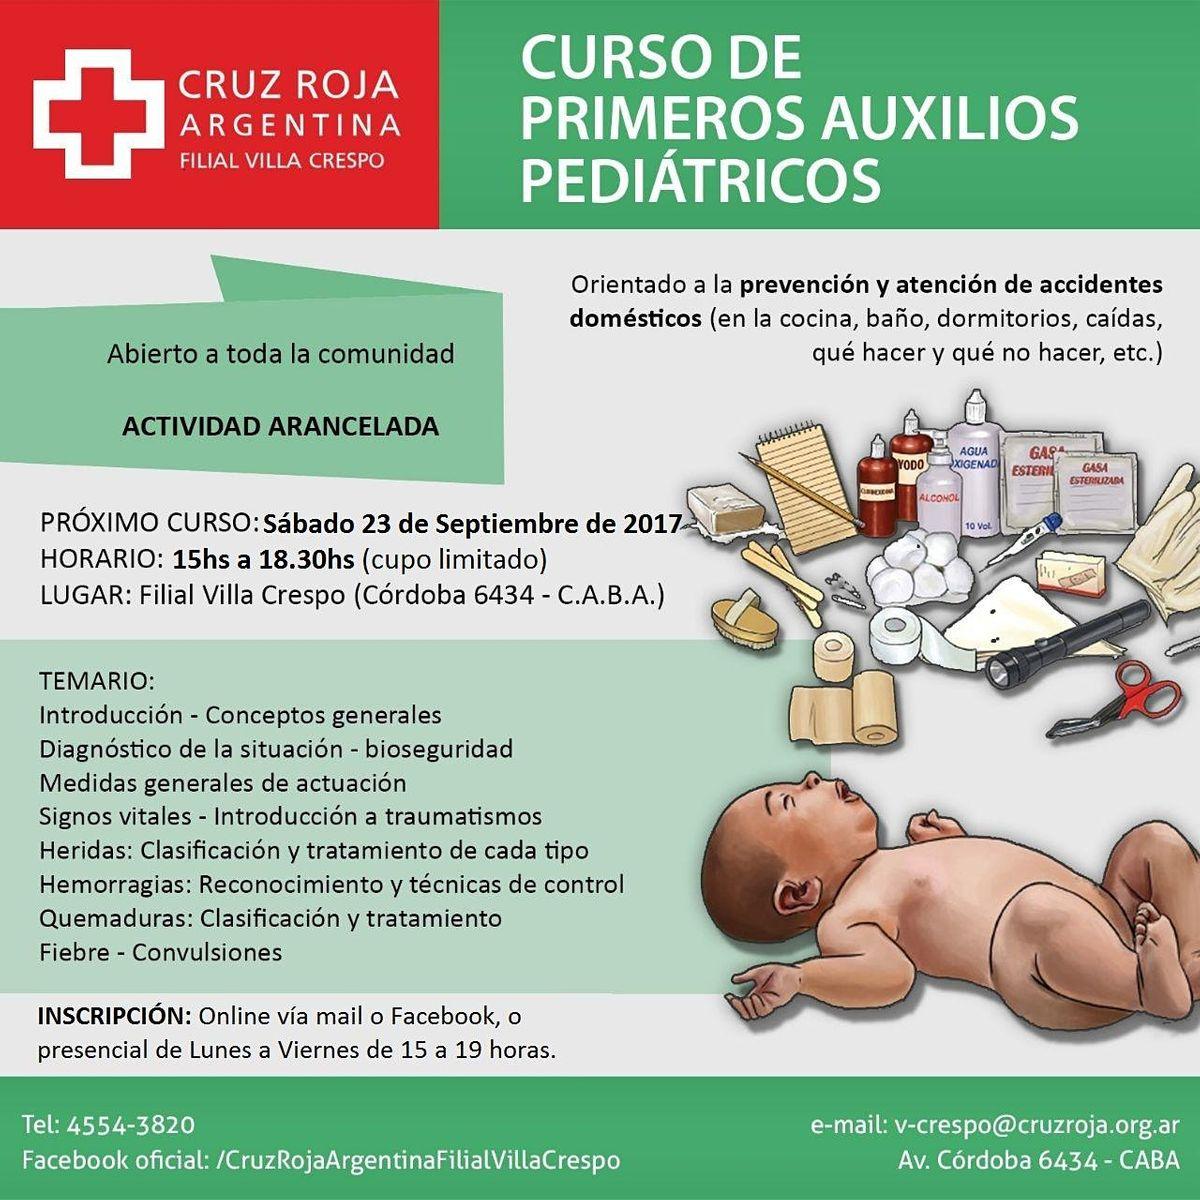 Curso de RCP en Cruz Roja (sábado 12-12-20) - Duración 4 hs., 12 December | Event in Ciudad Autónoma de Buenos Aires